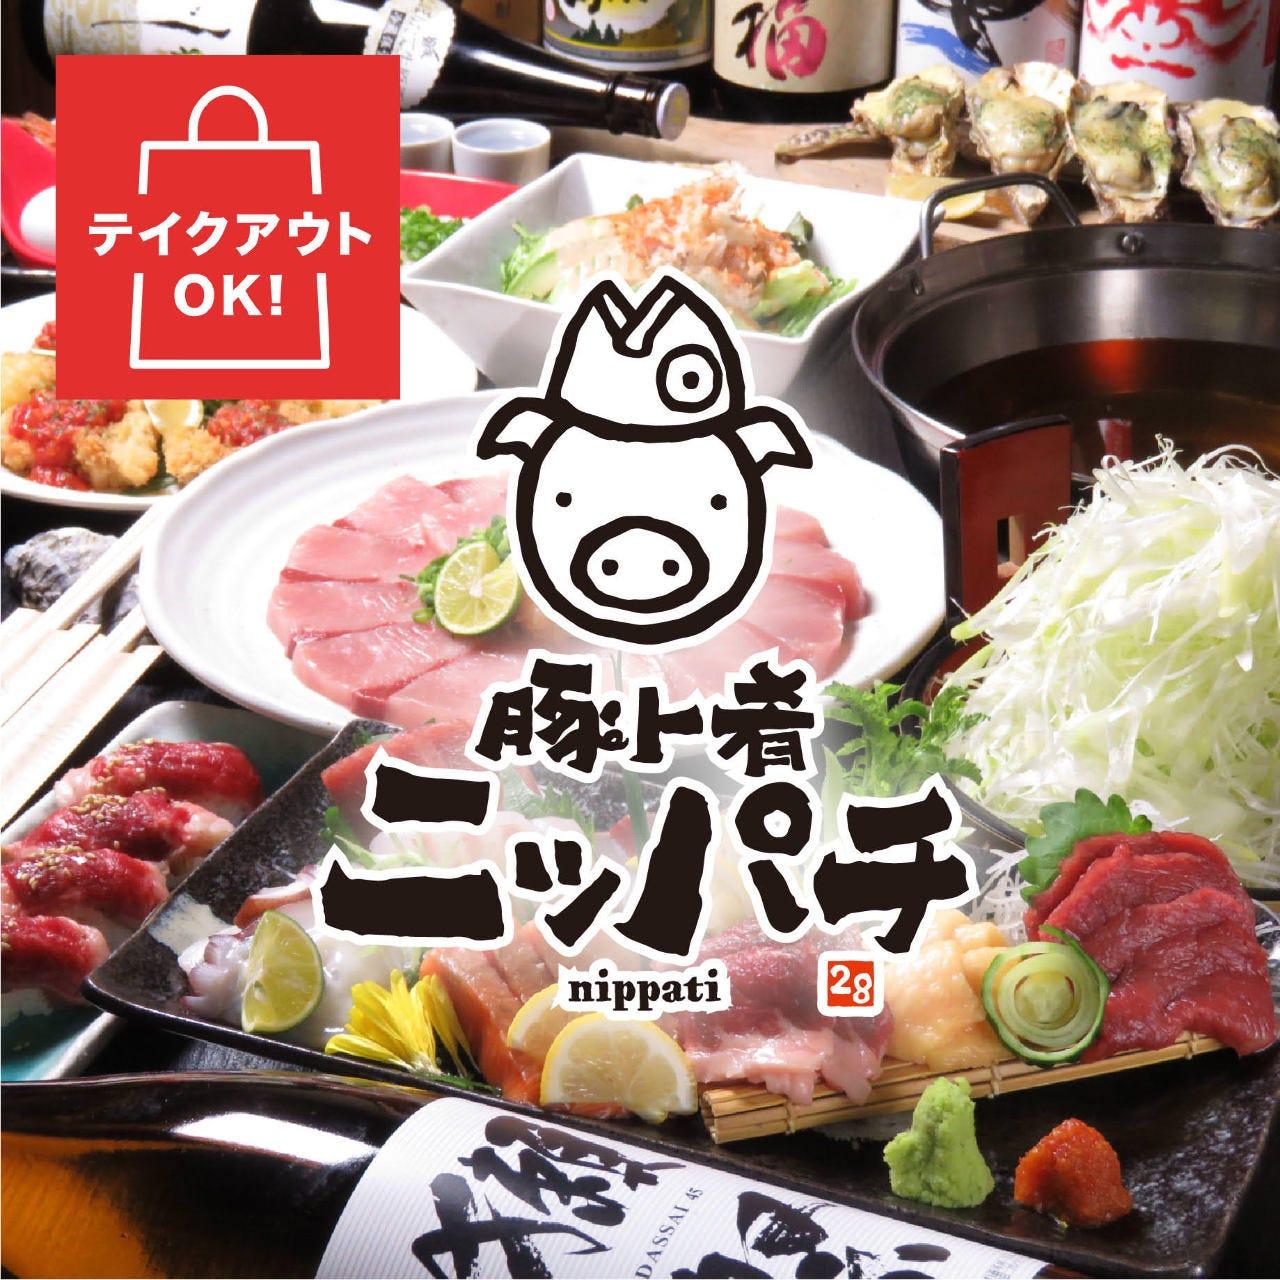 豚ト肴 ニッパチ